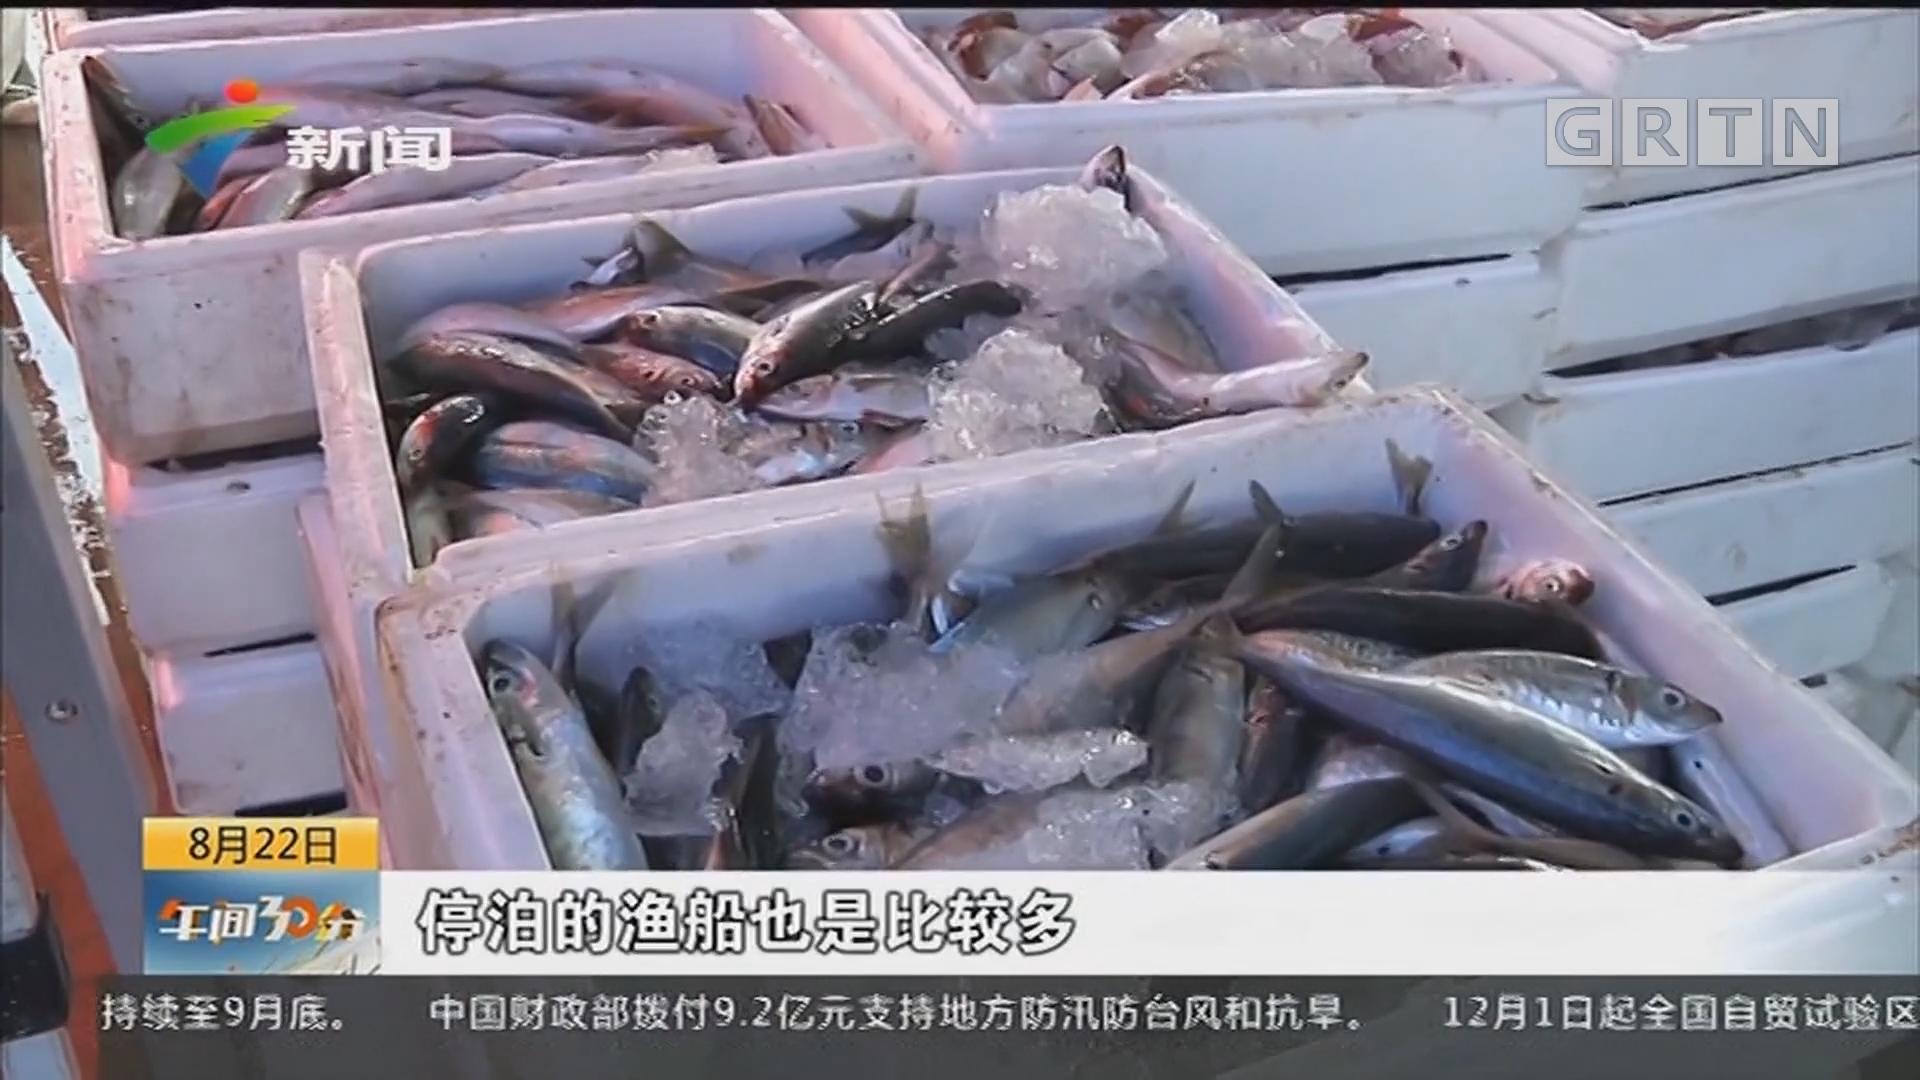 珠海:满载而归 洪湾中心渔港喜迎首批渔船回港